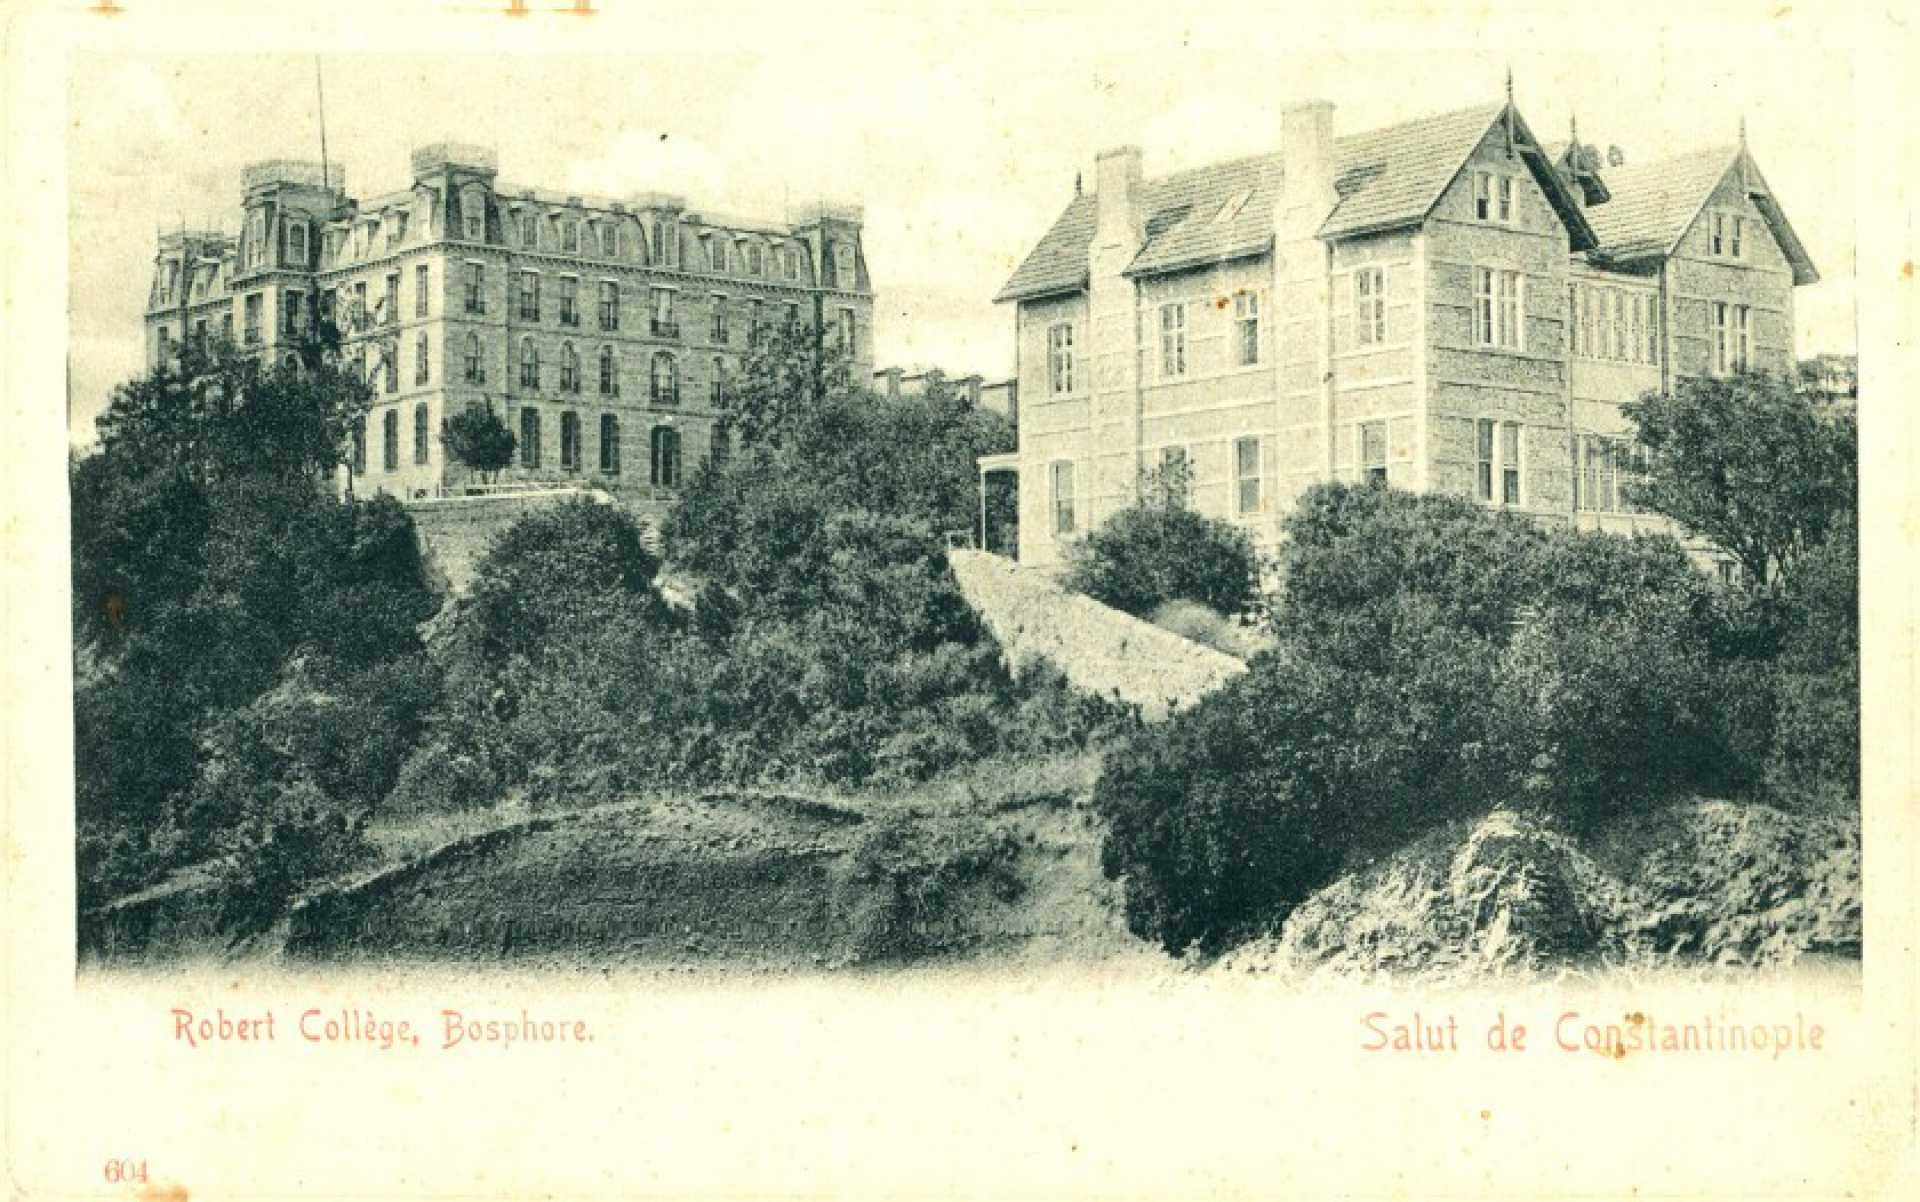 Salut de Constantinople  Robert College. Boshore